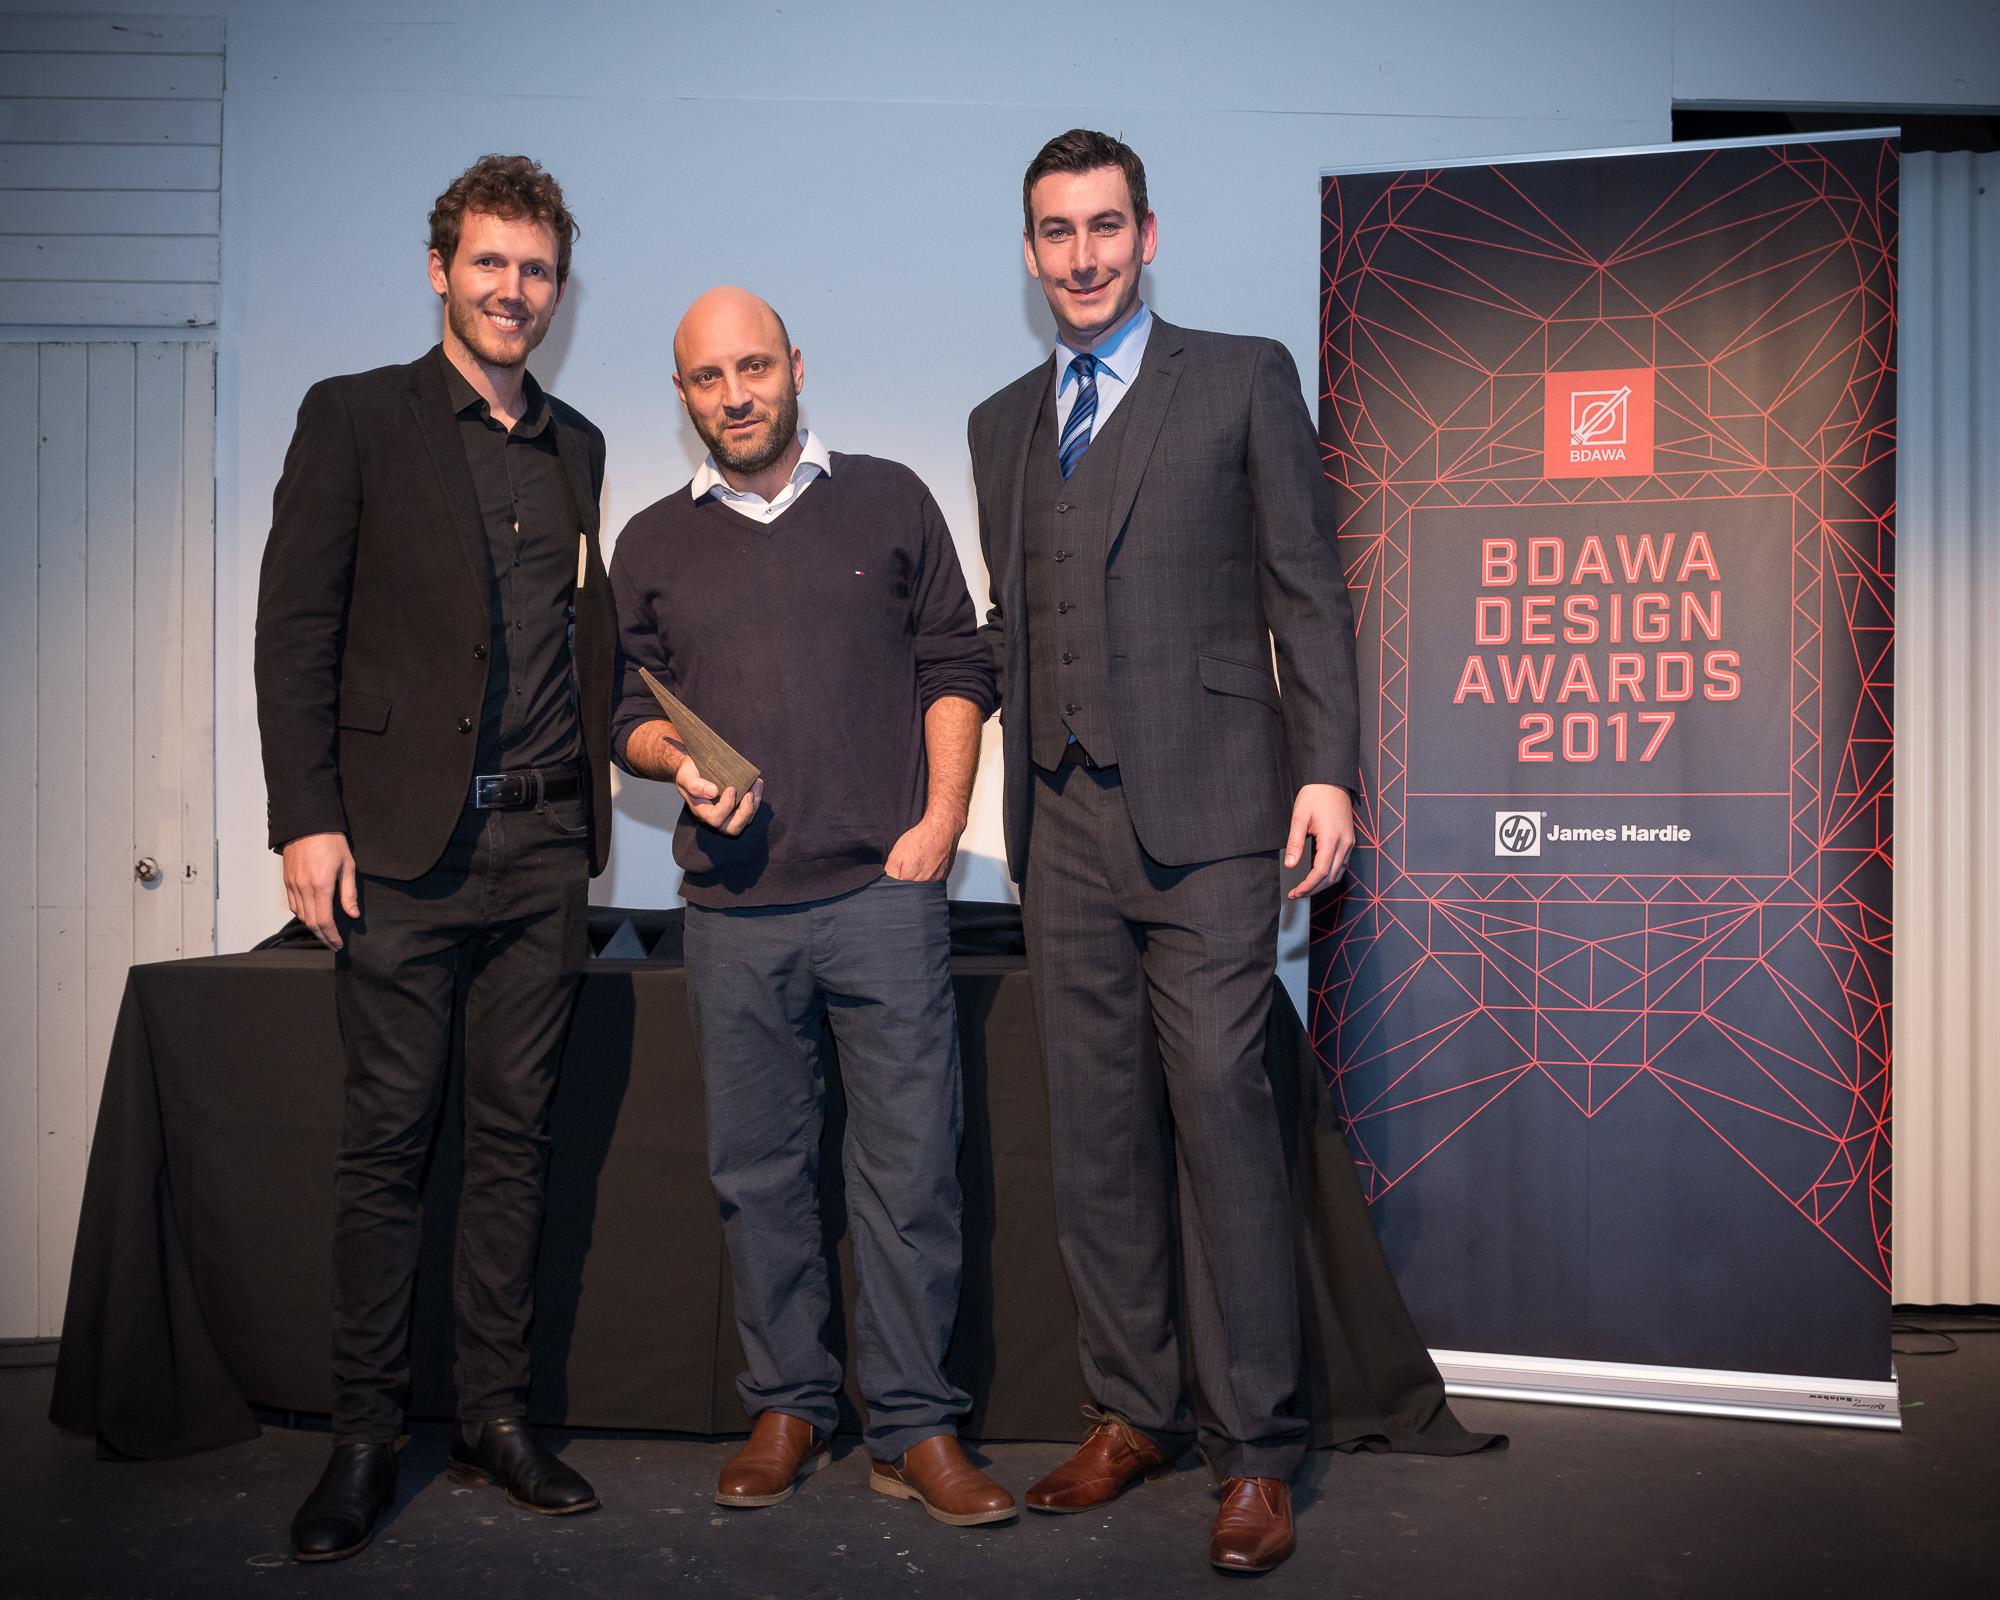 0186 BDA WA Awards 2017 _JHG7482.jpg